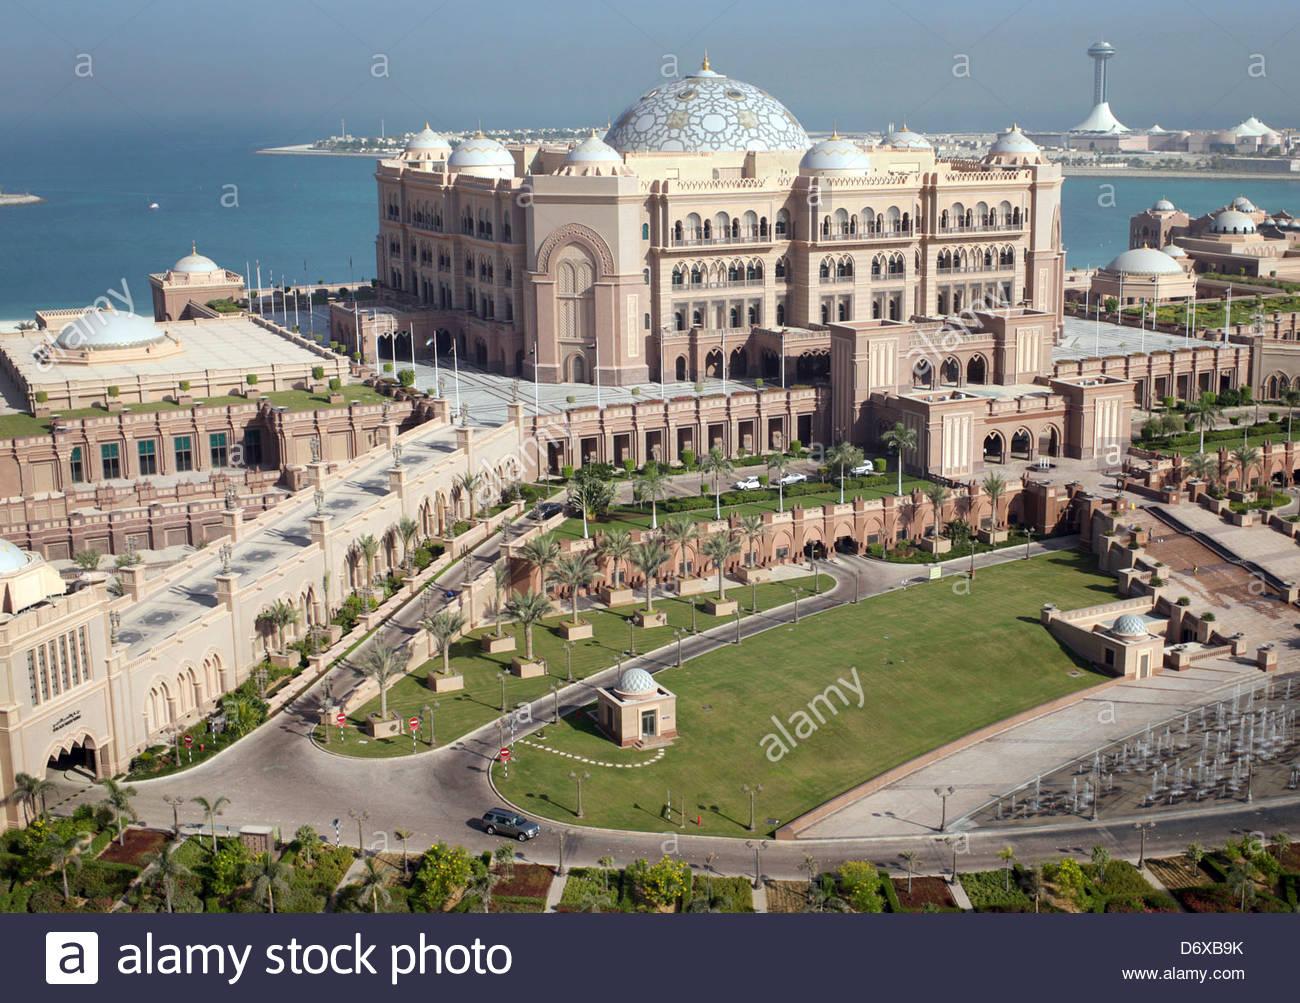 Luxury hotel Emirates Palace in Abu Dhabi, United Arab Emirates ...